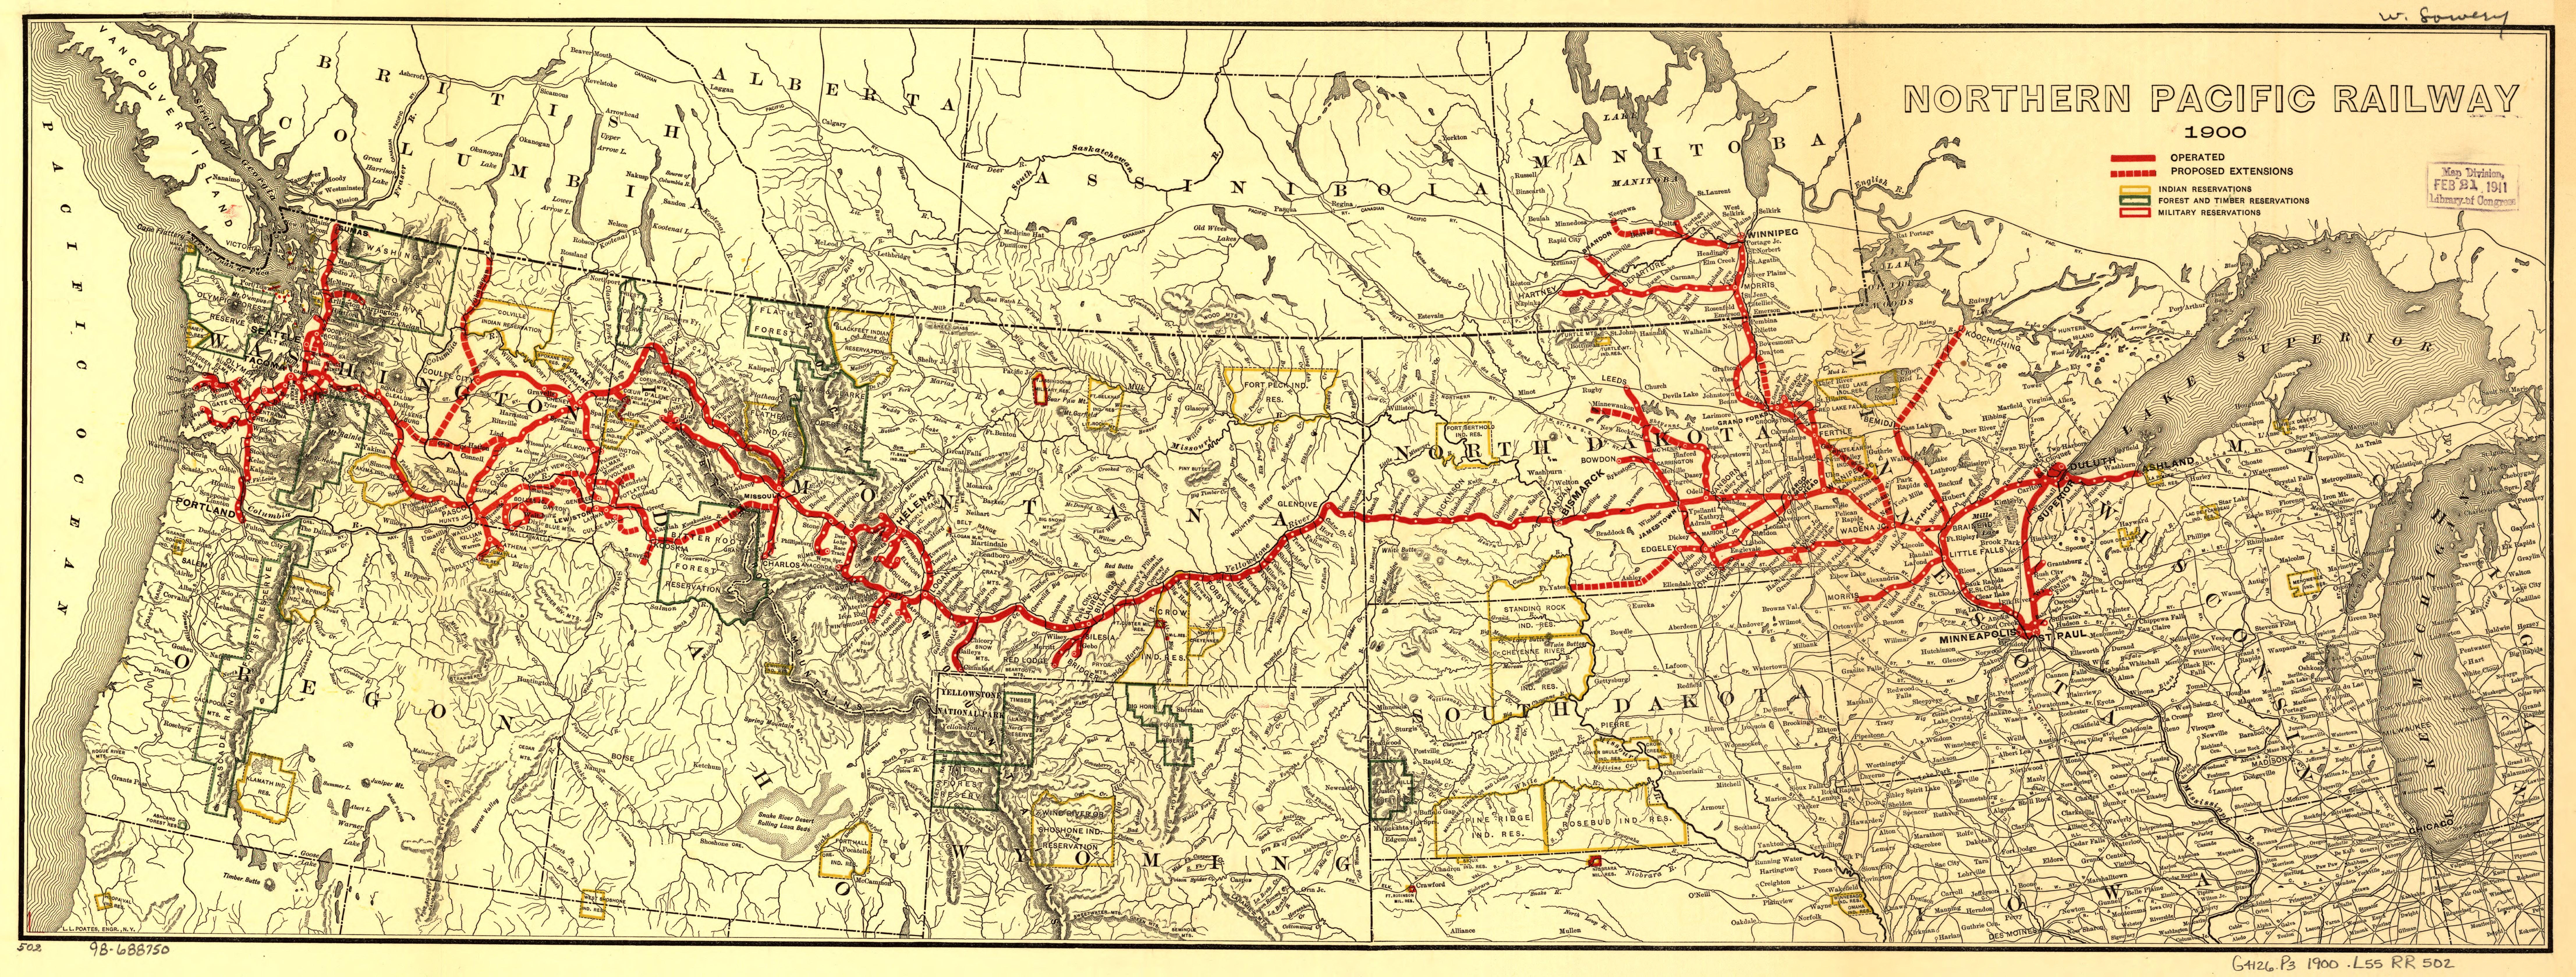 Description northern pacific railroad map circa 1900